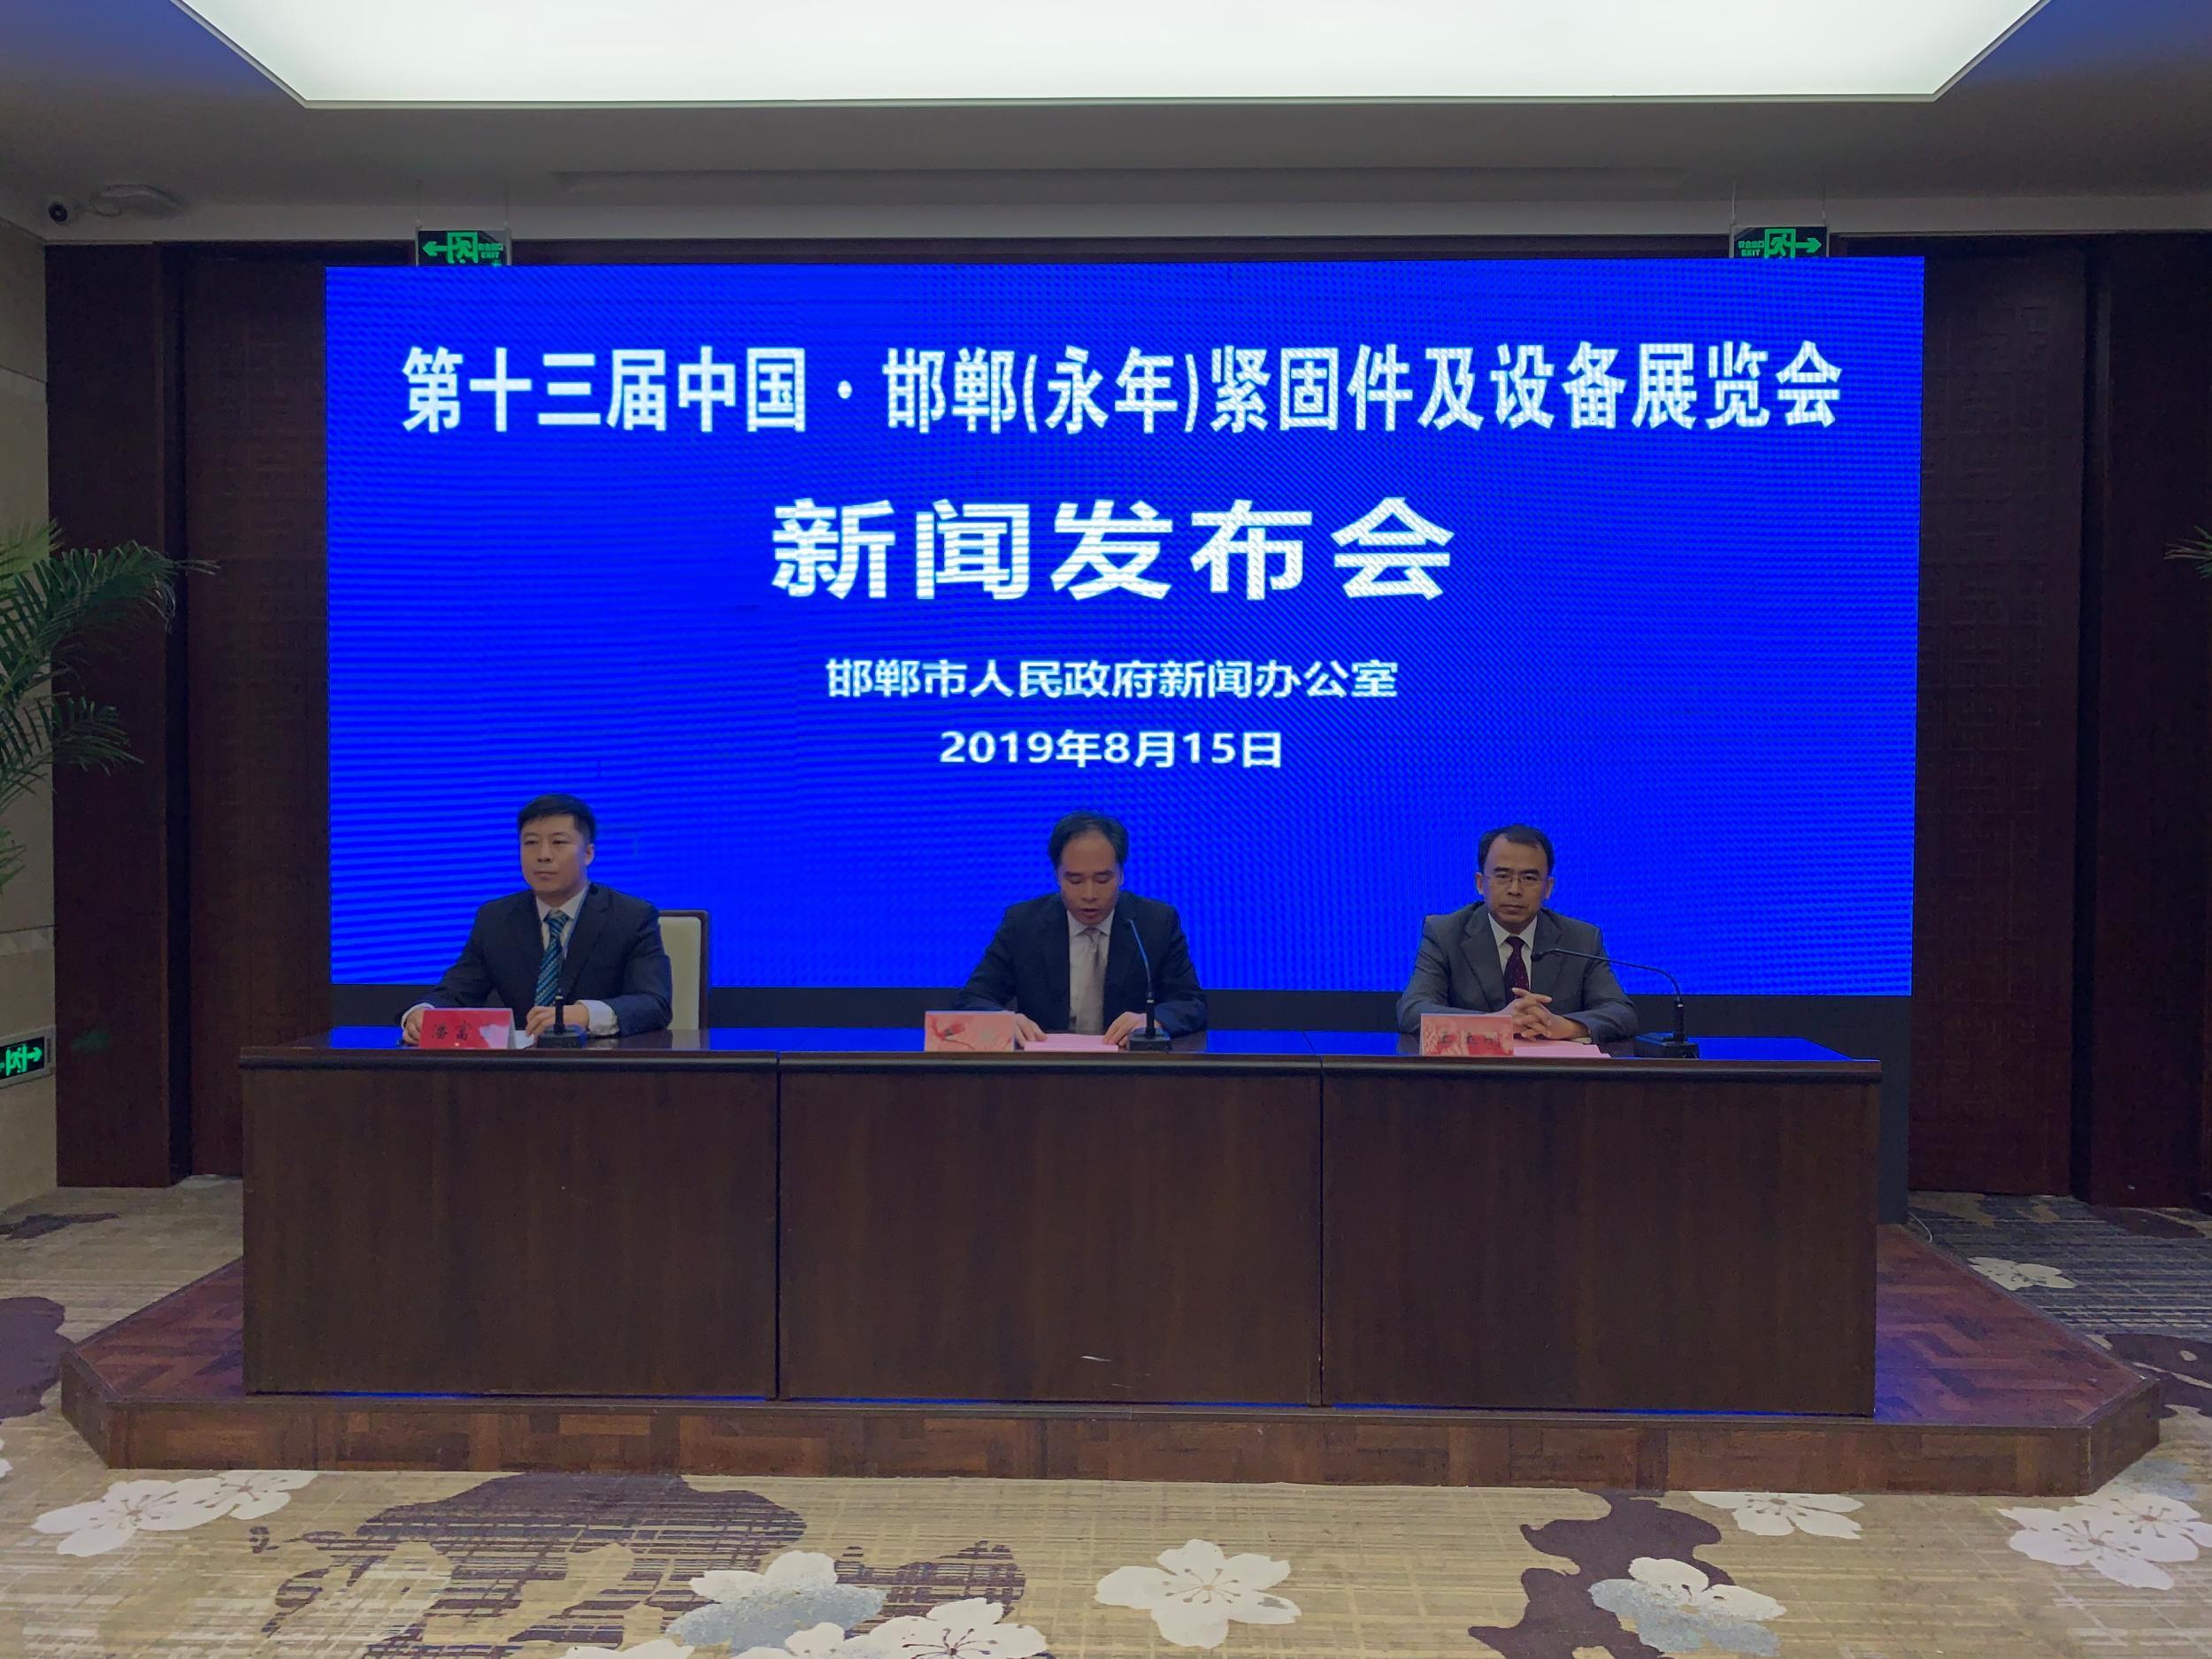 【新闻发布会】中国·邯郸(永年)紧固件及设备展览会10月中旬举行